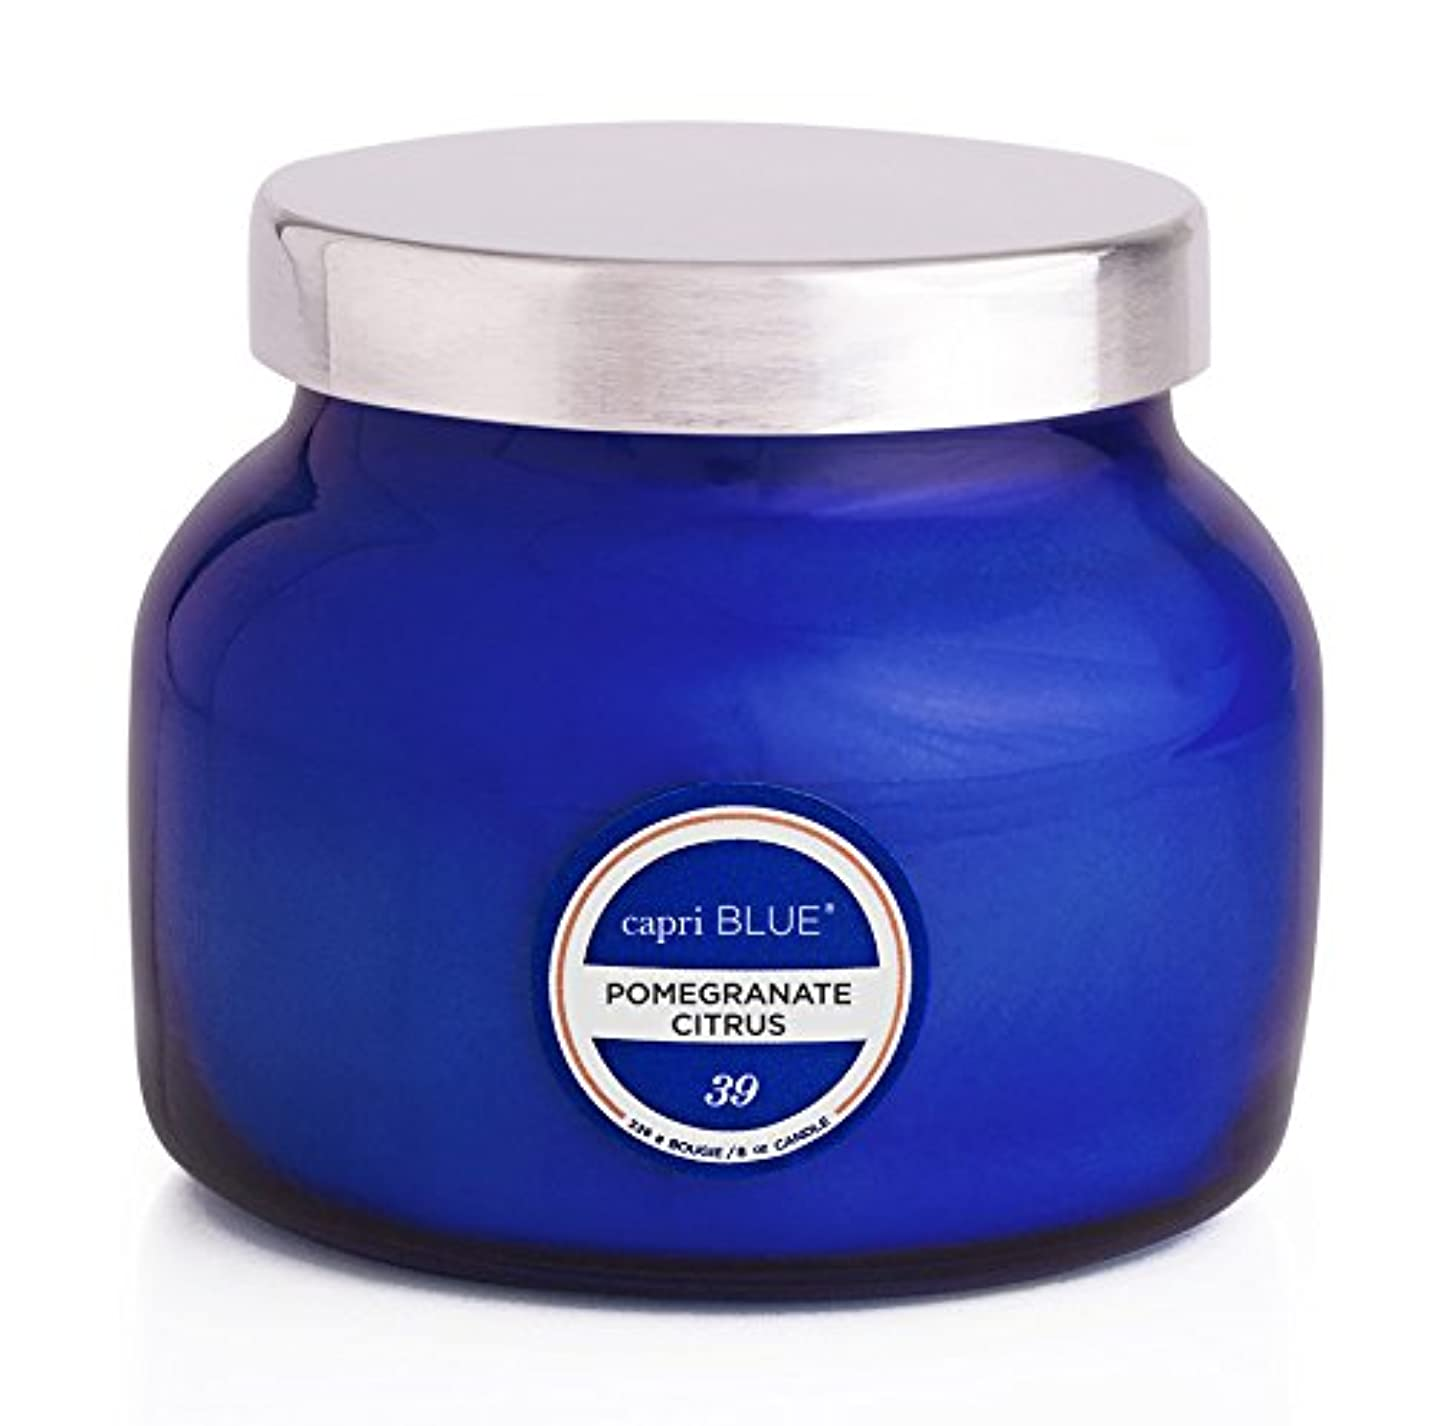 ハリケーン考古学者枯渇カプリブルーPomegranate Citrus小柄ブルー署名Jar , 08 oz